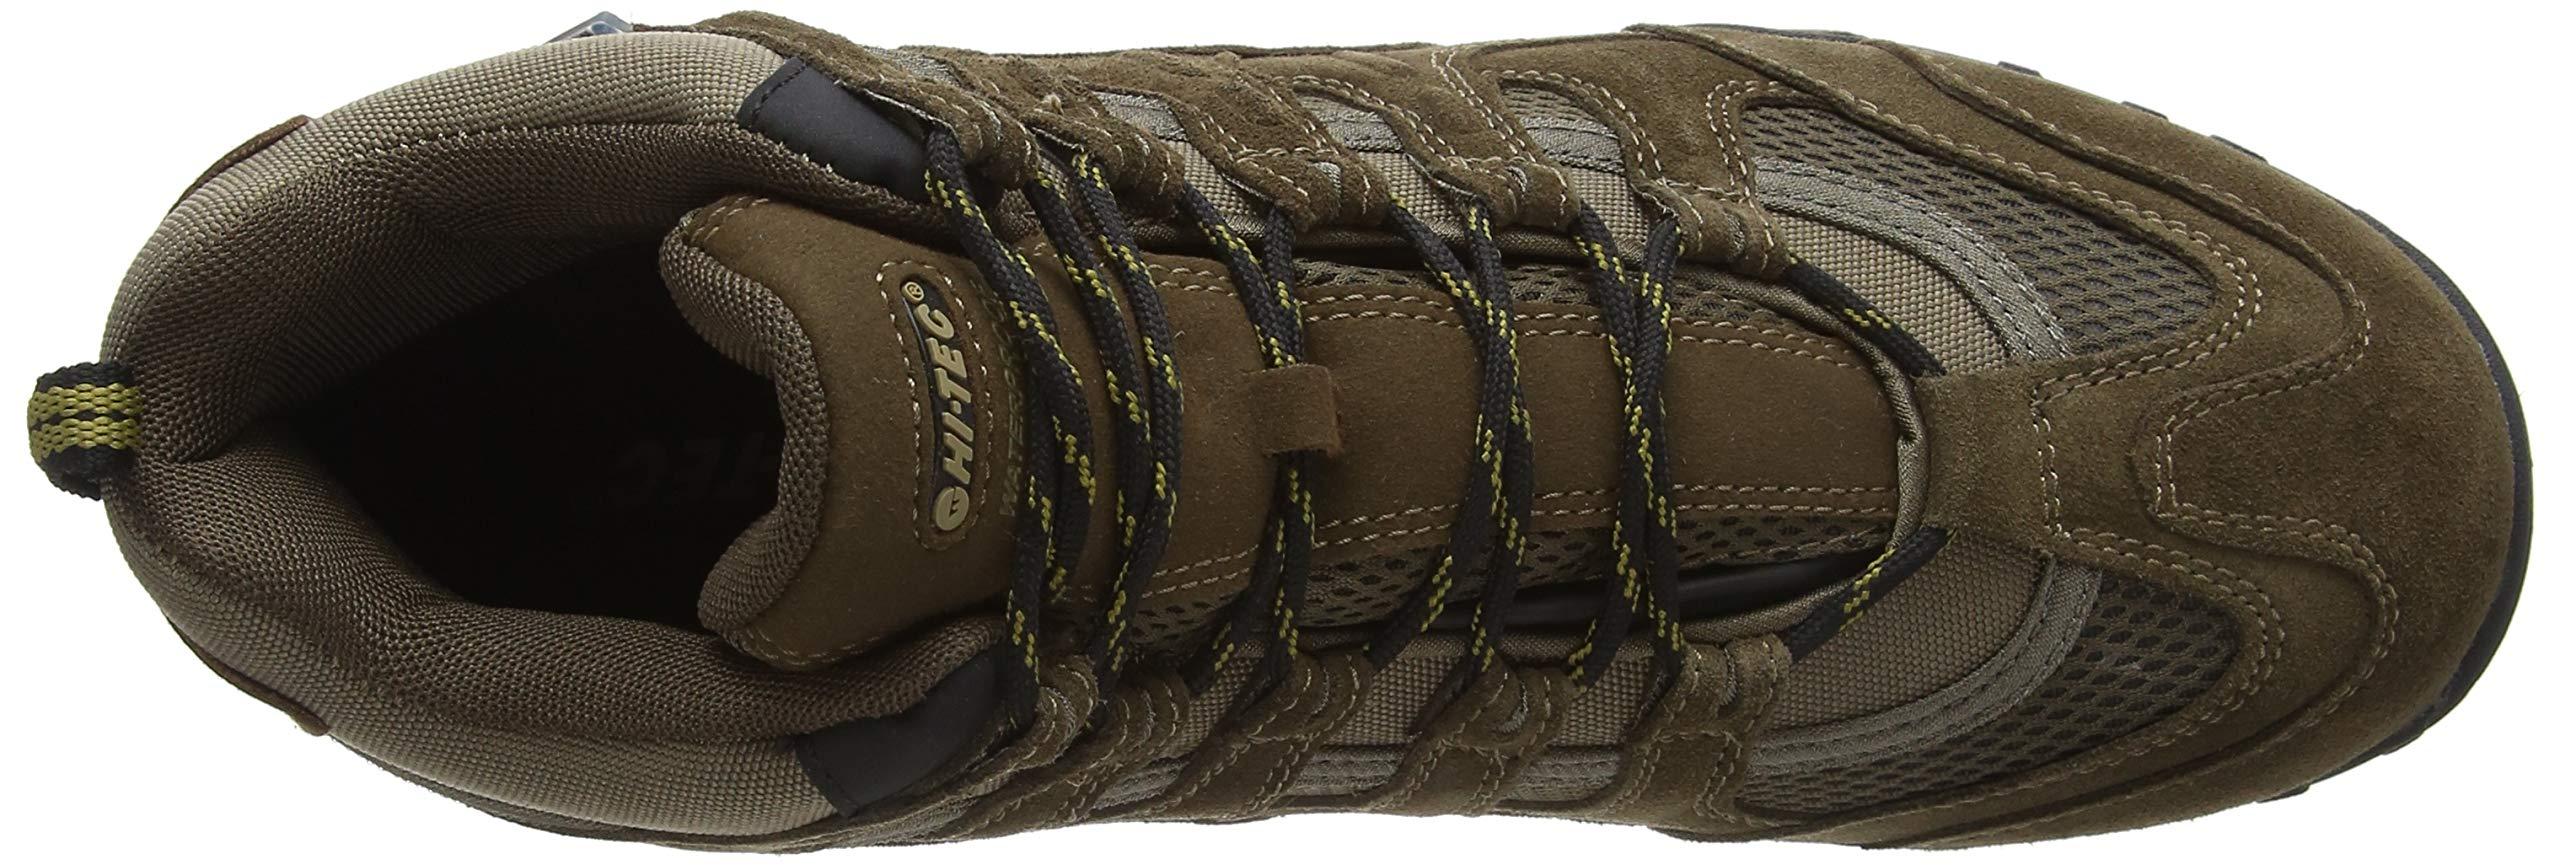 Hi-Tec Men's Quadra Mid Wp Multisport Boots 5